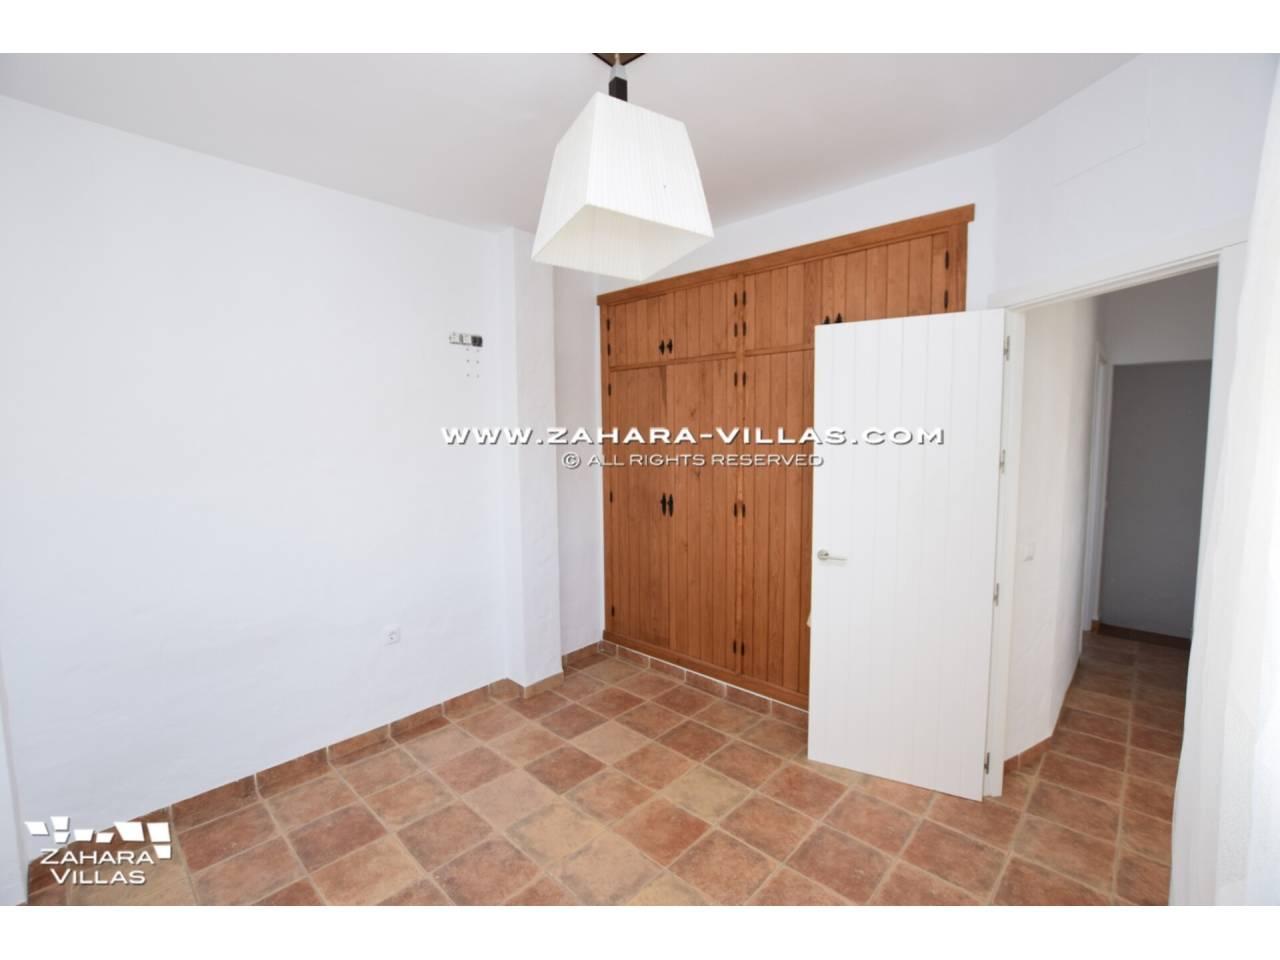 Imagen 4 de Haus zum verkauf in Zahara de los Atunes